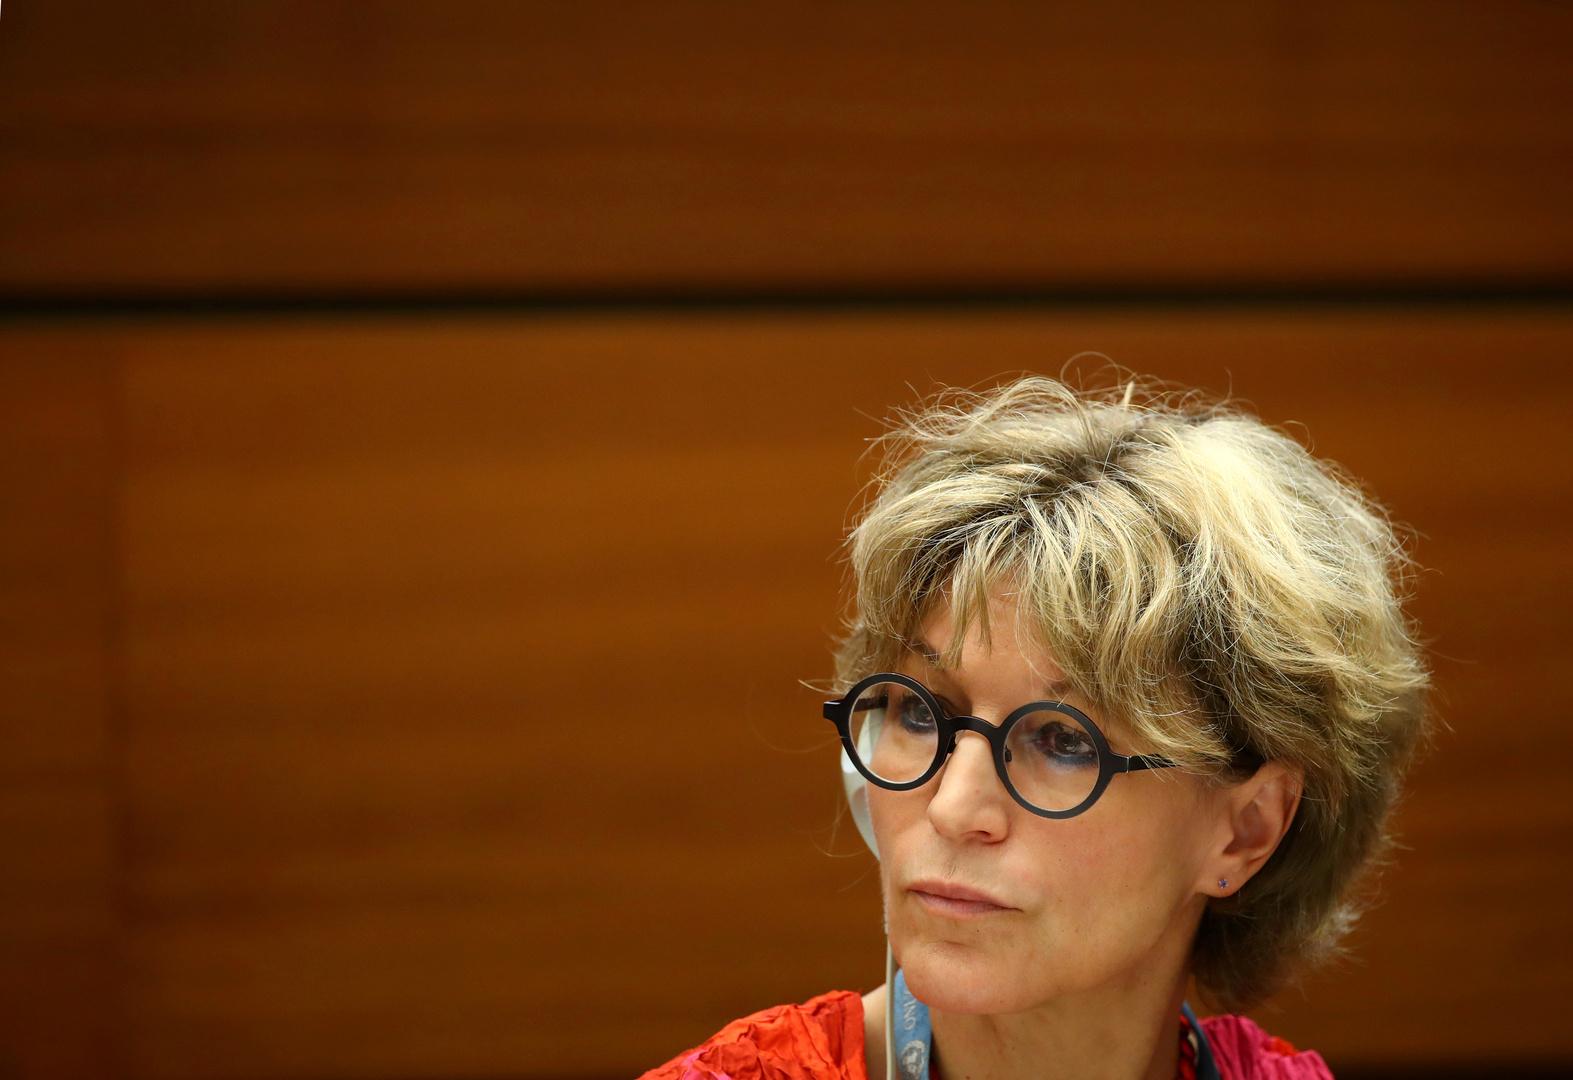 أنييس كالامار، المقررة الأممية الخاصة بحالات الإعدام خارج نطاق القضاء